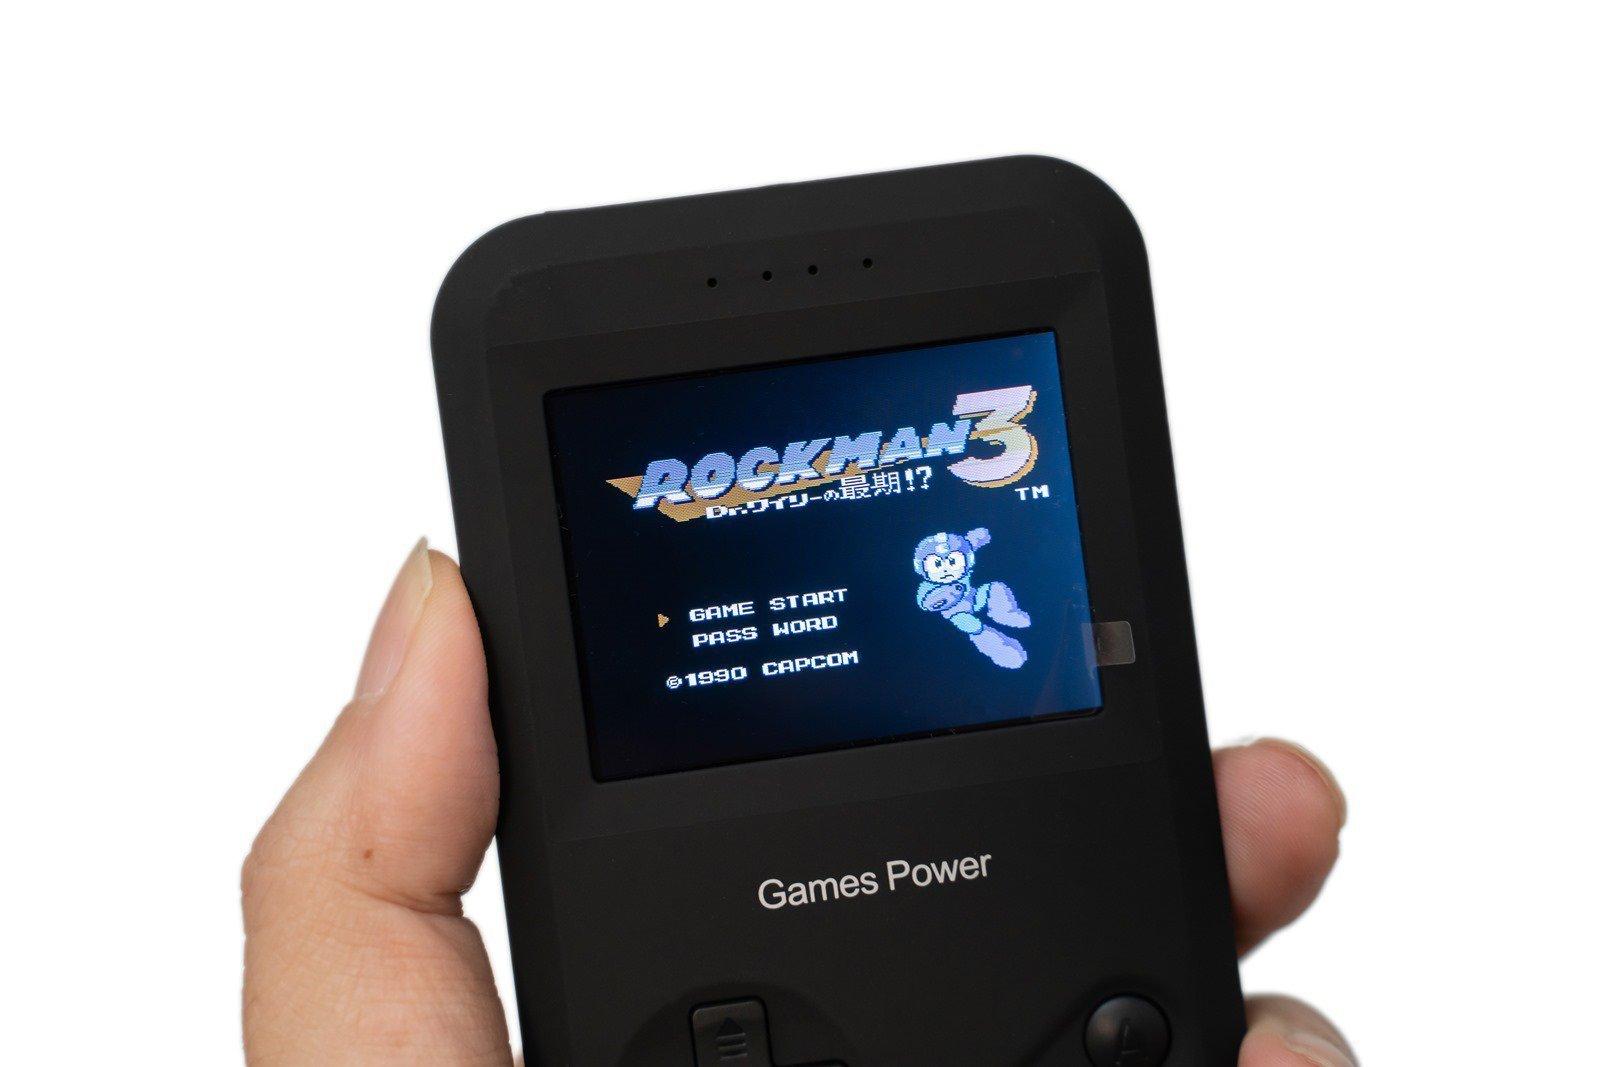 【開箱】Games Power經典遊戲機8000mAh行動電源 – 行動電源與復古掌上遊戲機二合一